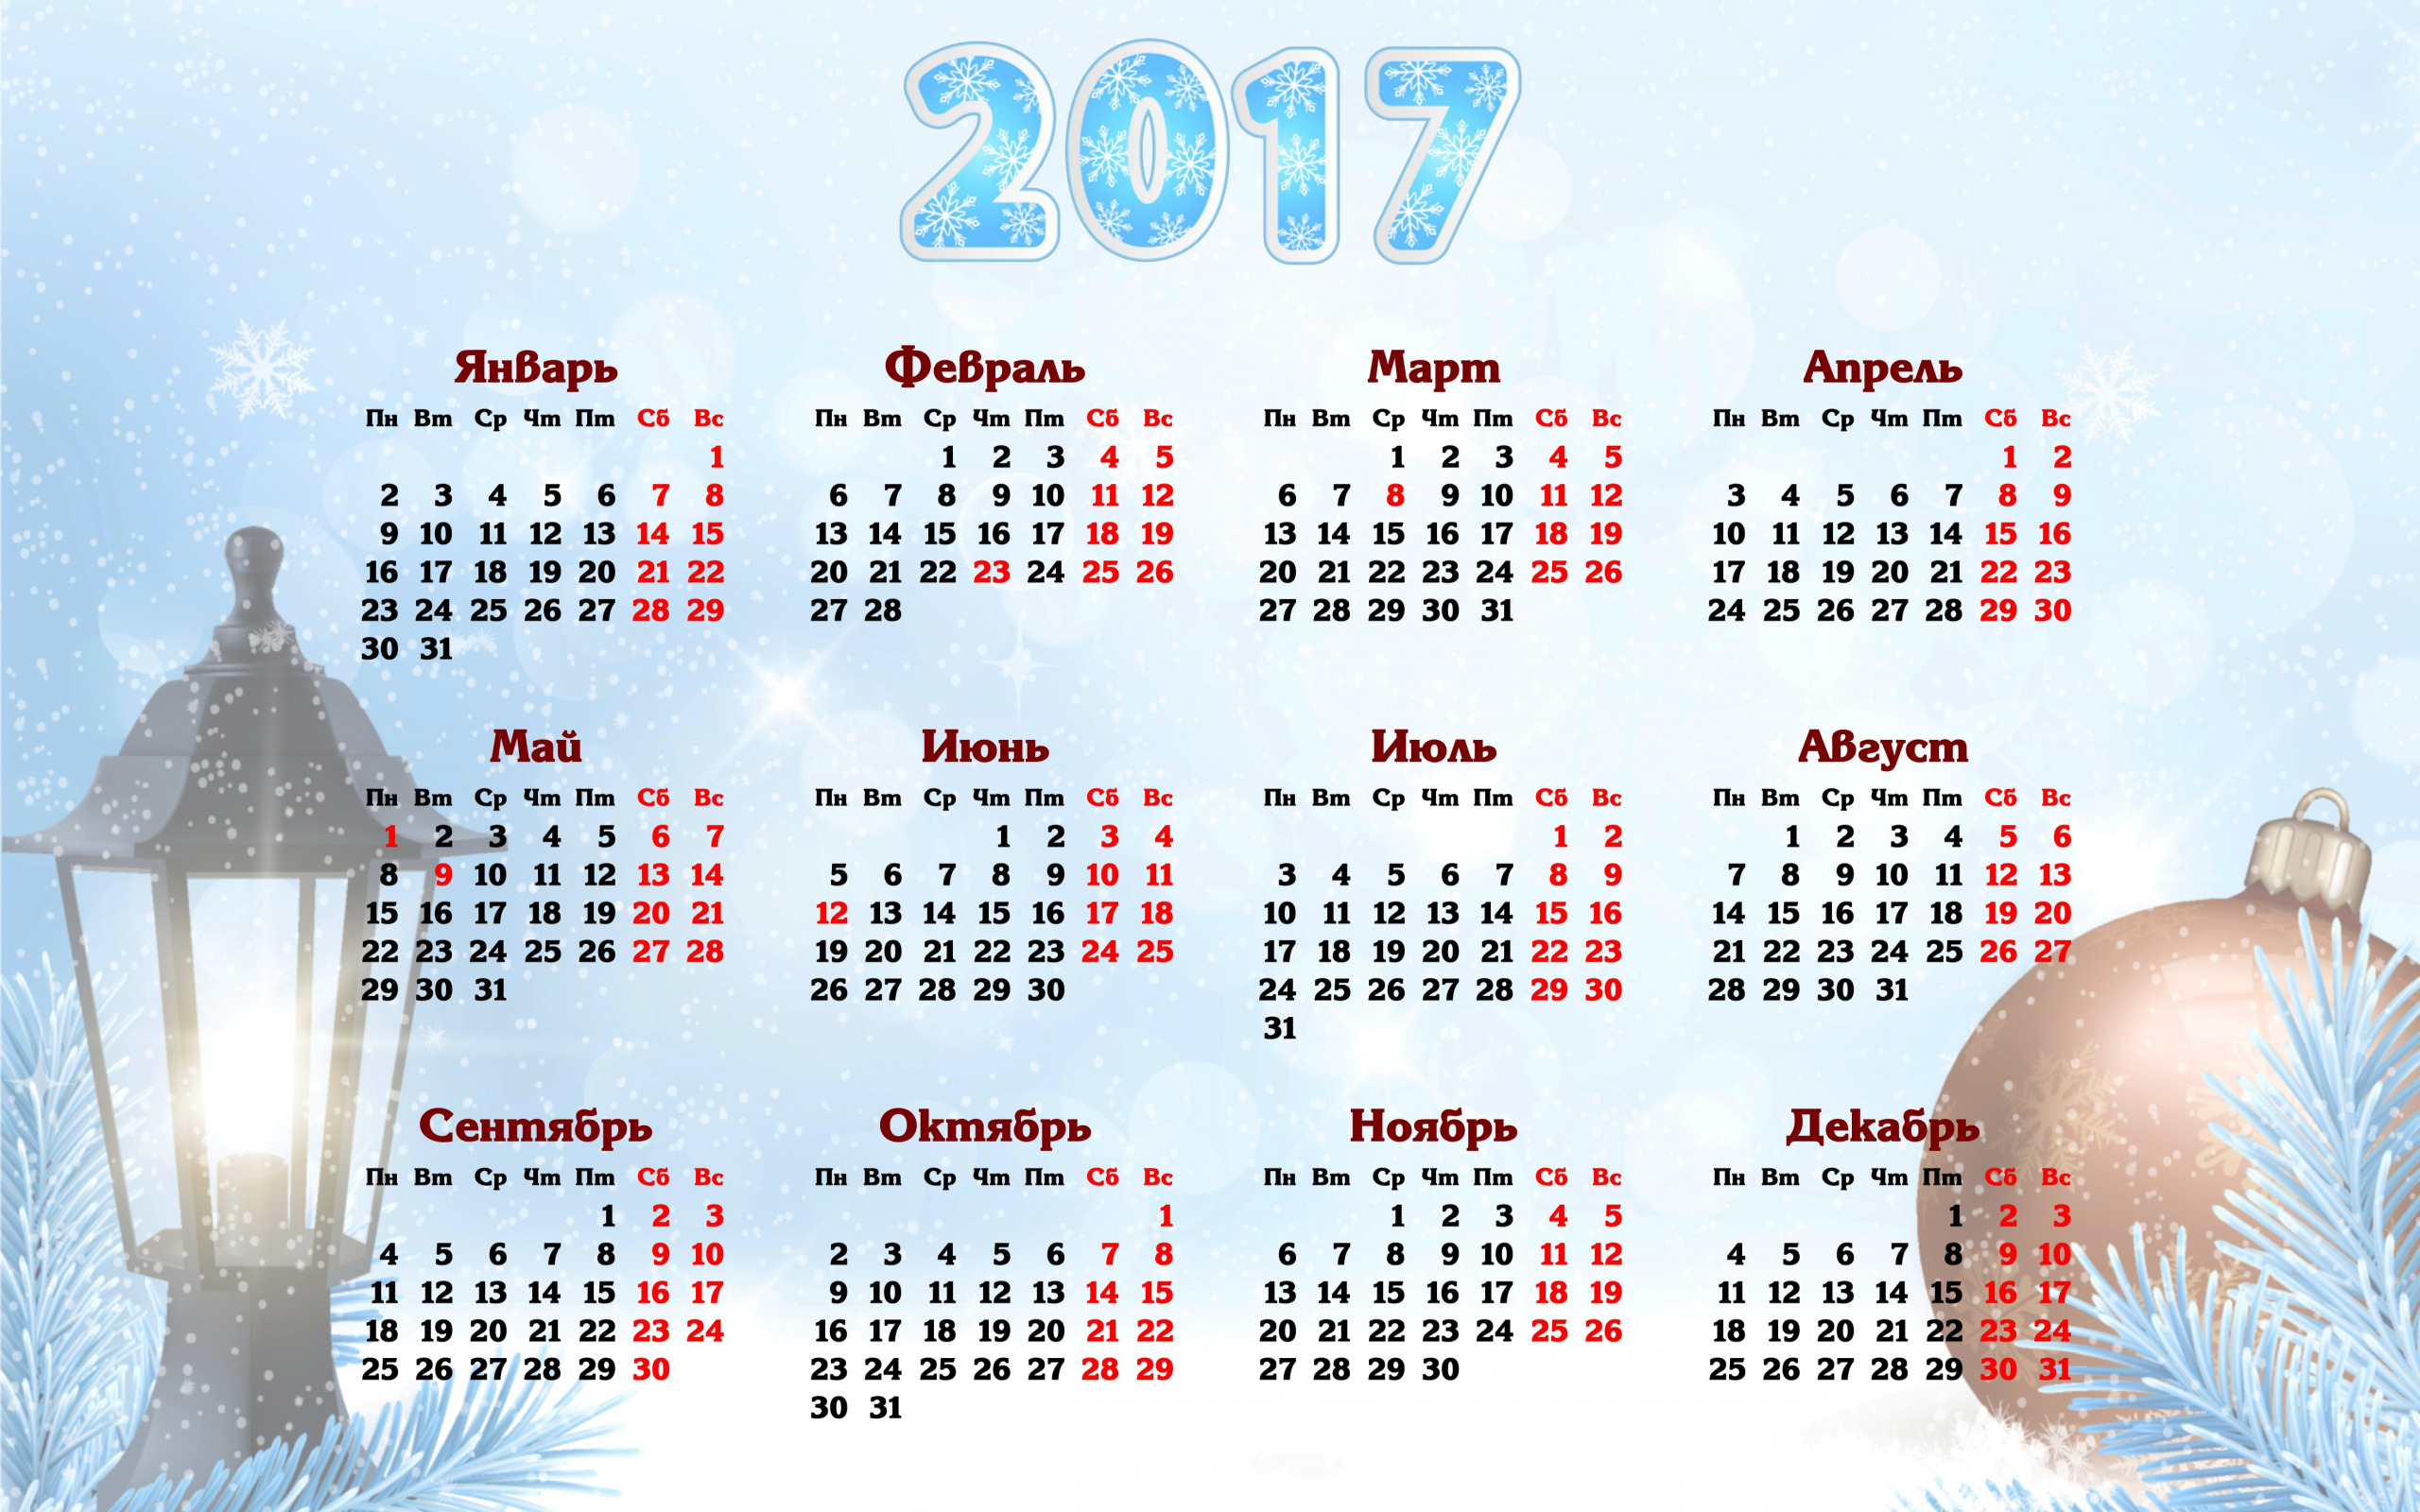 Какая будет погода на новый год 2017 2017